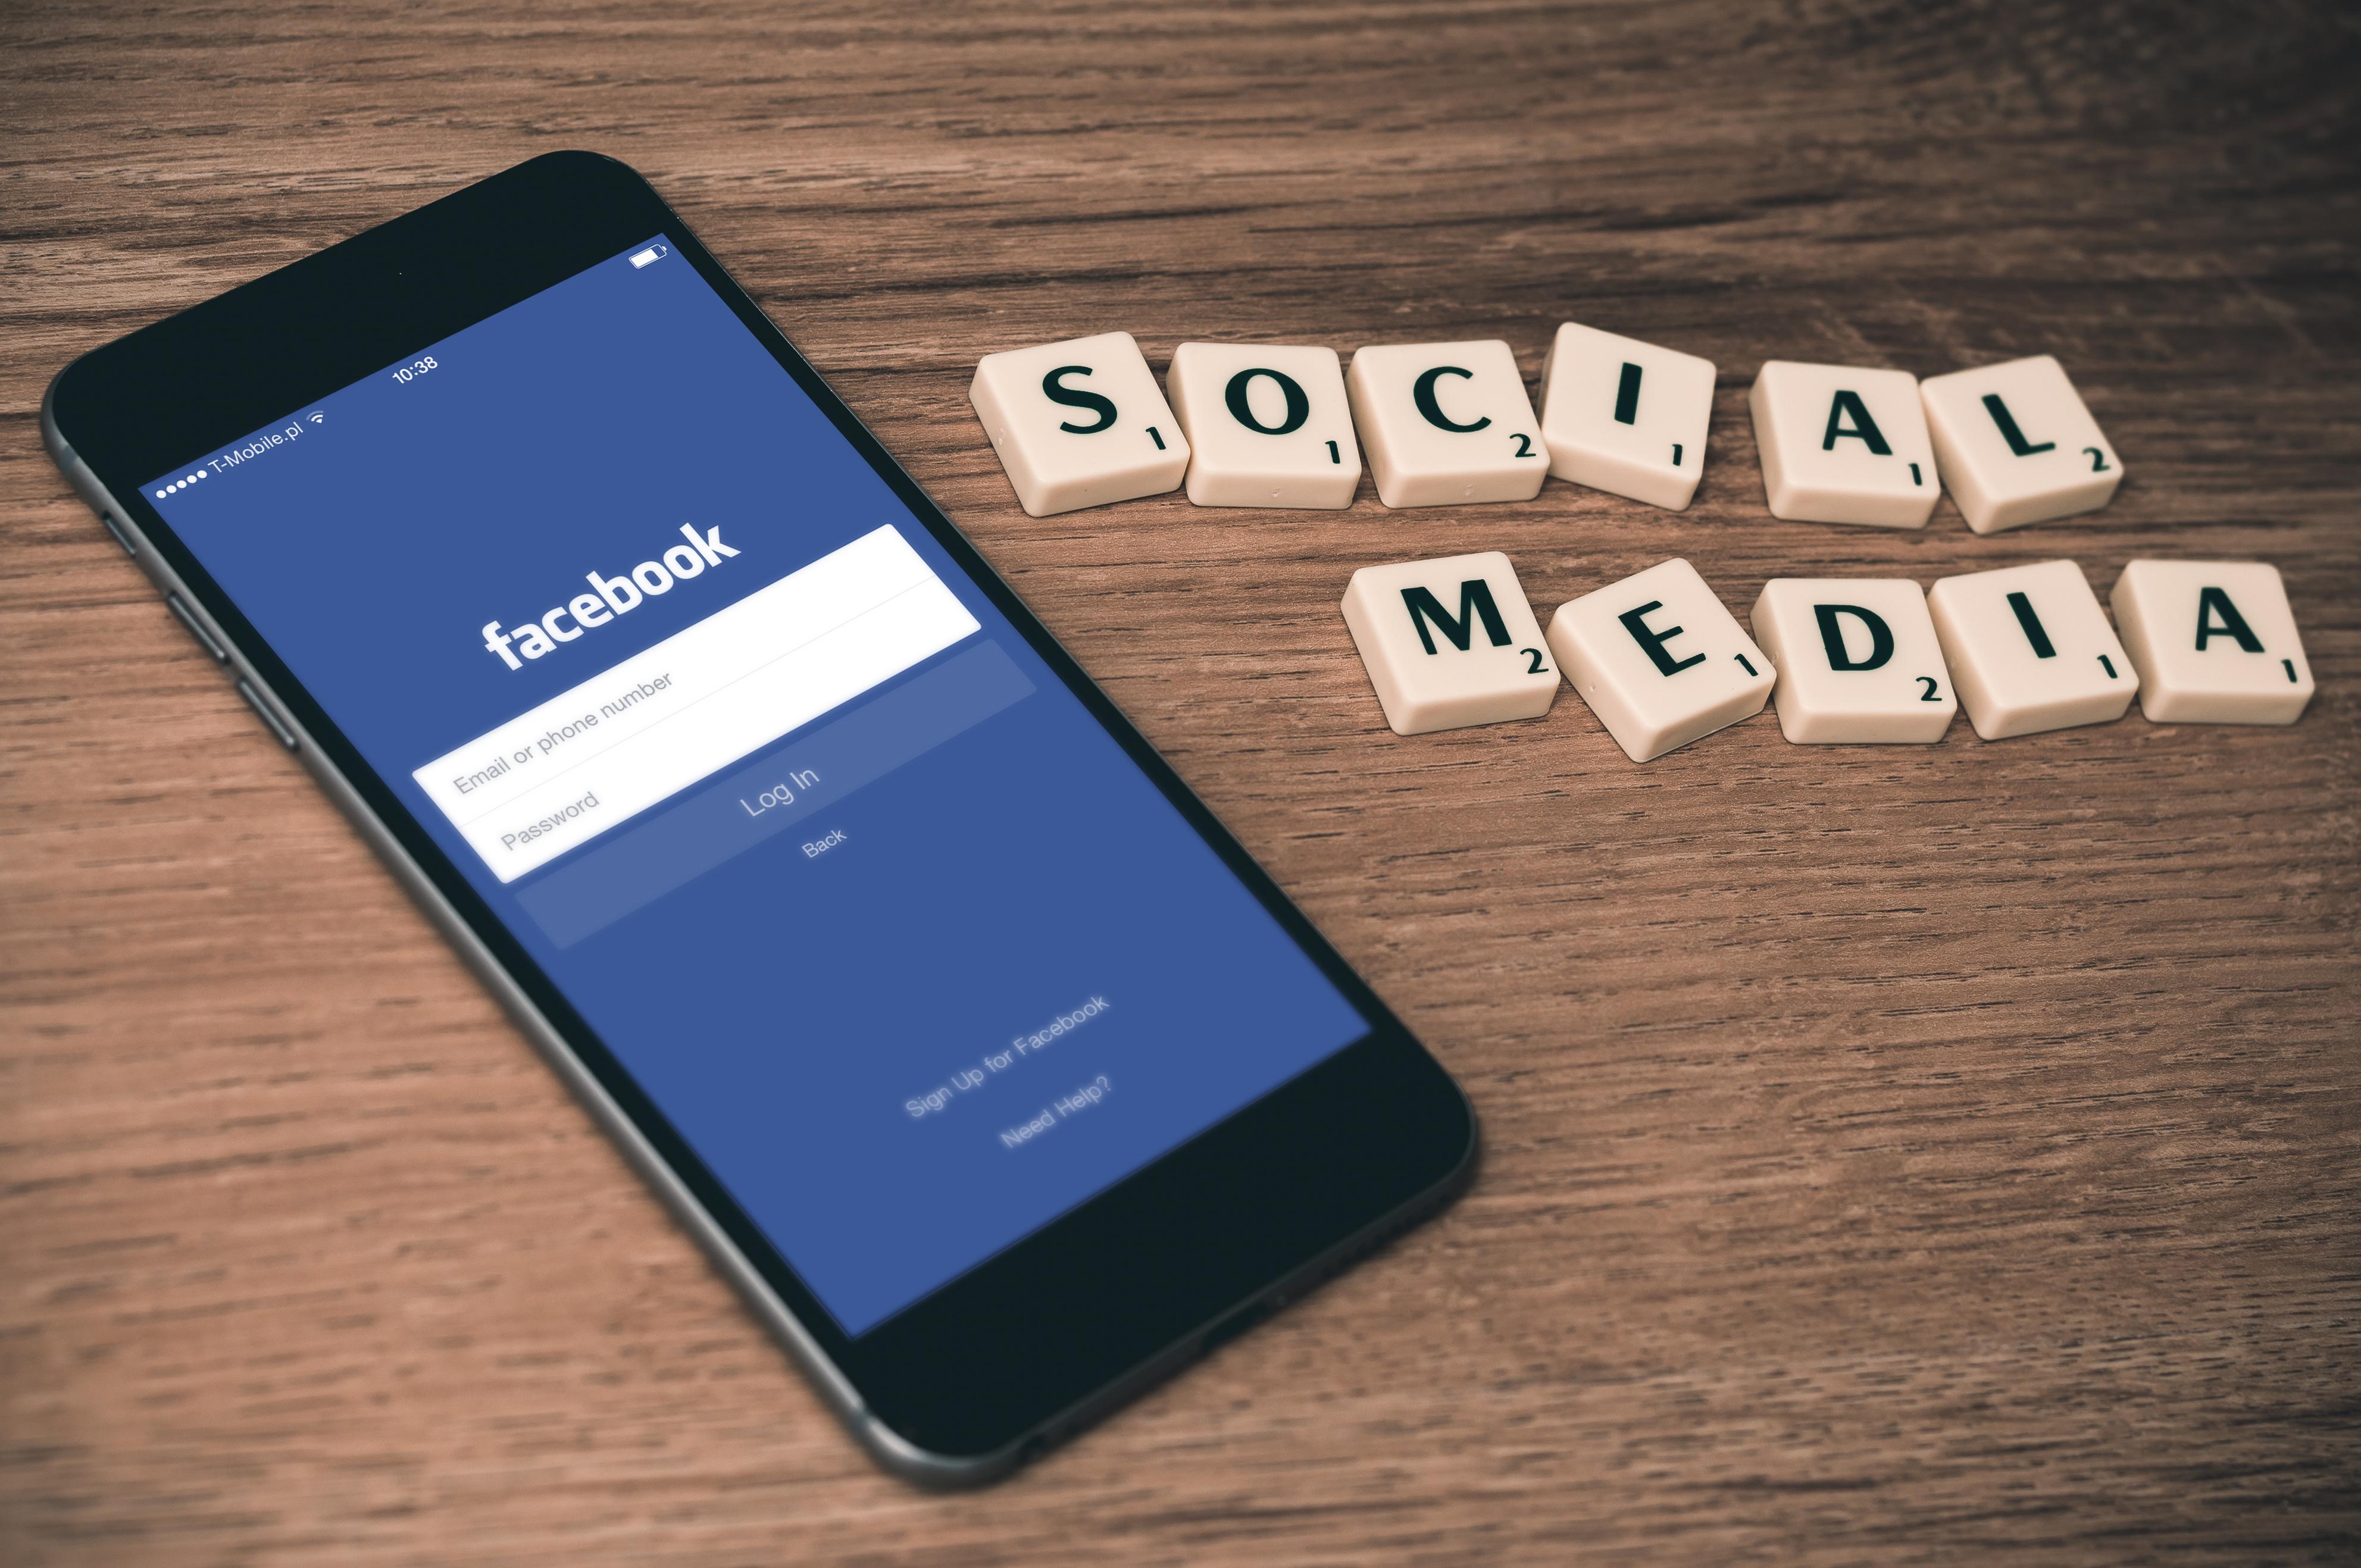 L Huissier de Justice et les réseaux sociaux SCPLD